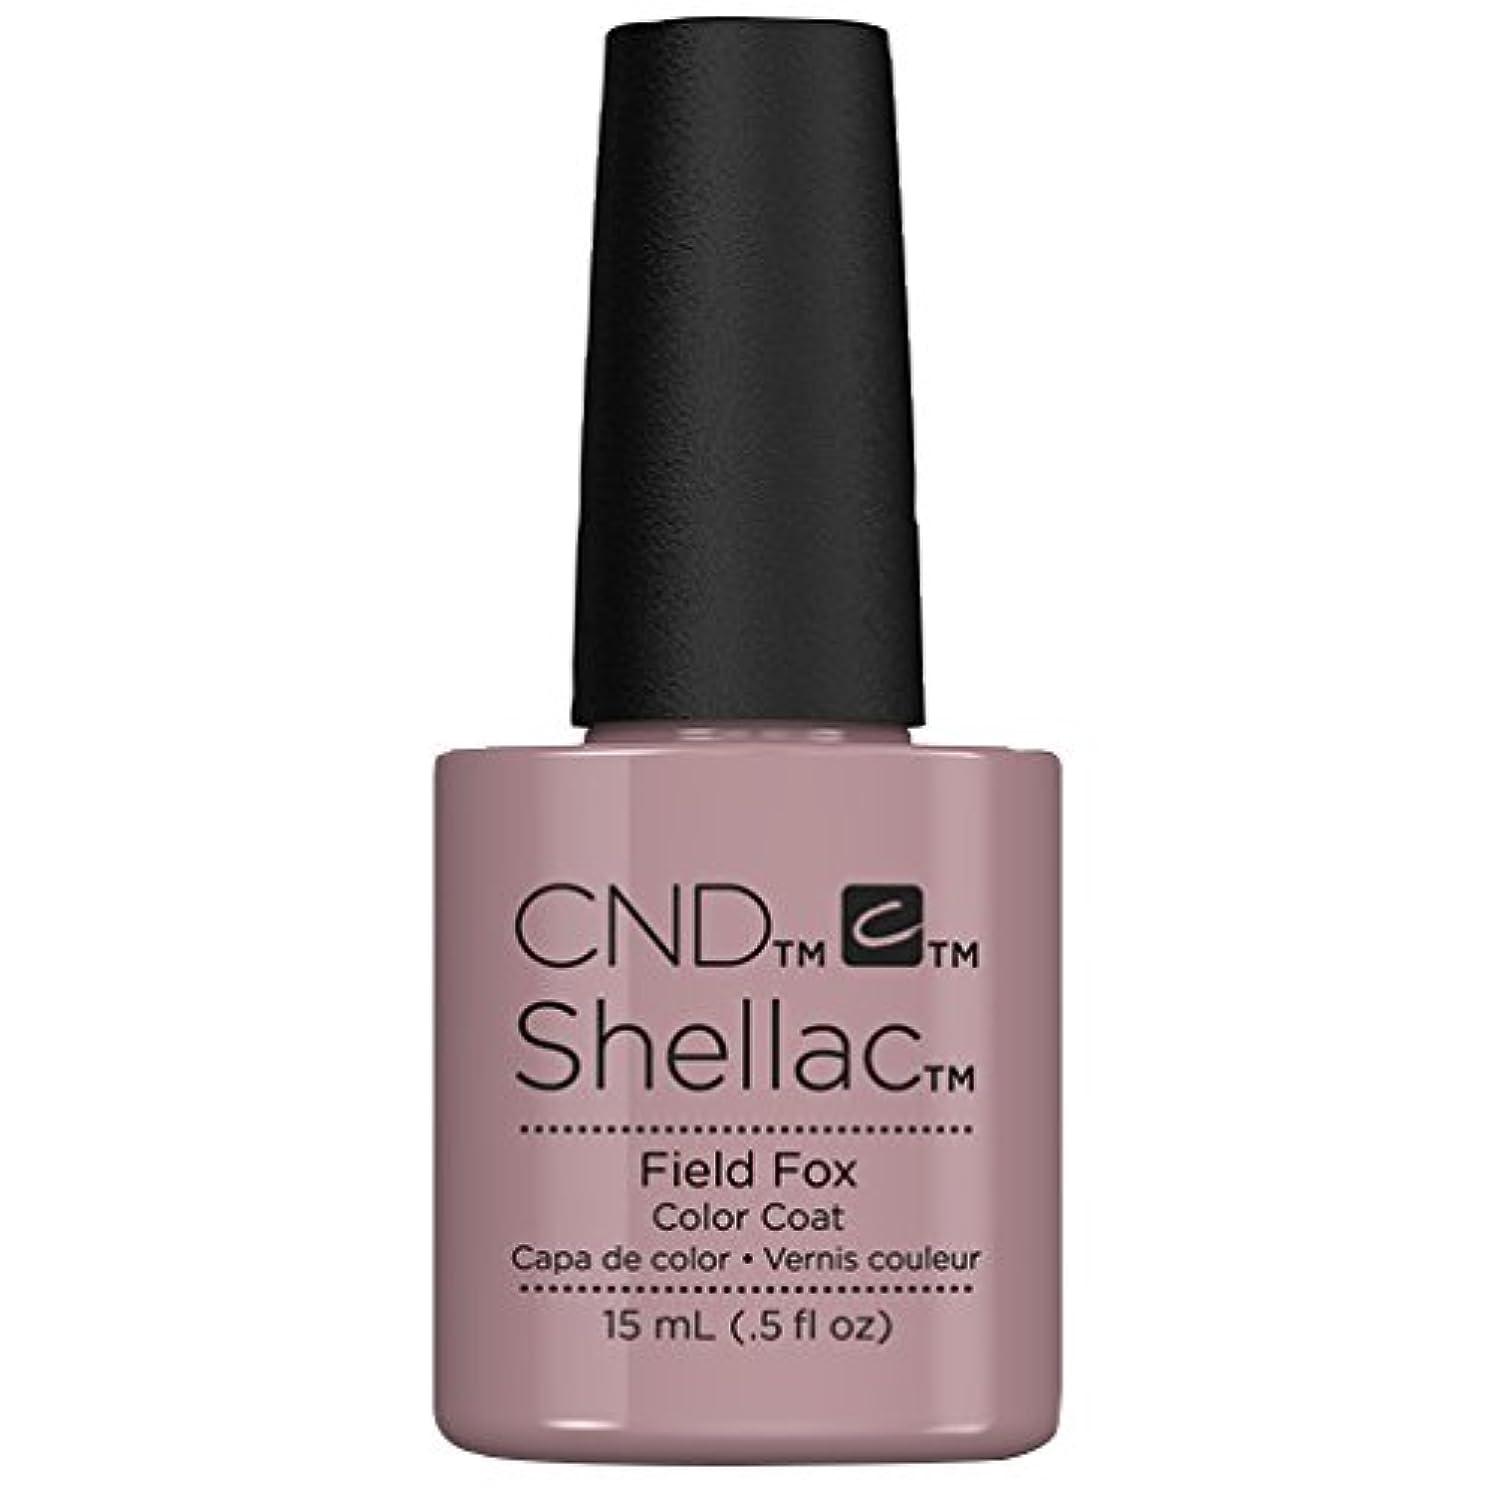 CND Shellac - Limited Edition! - Field Fox - 15ml / 0.5oz